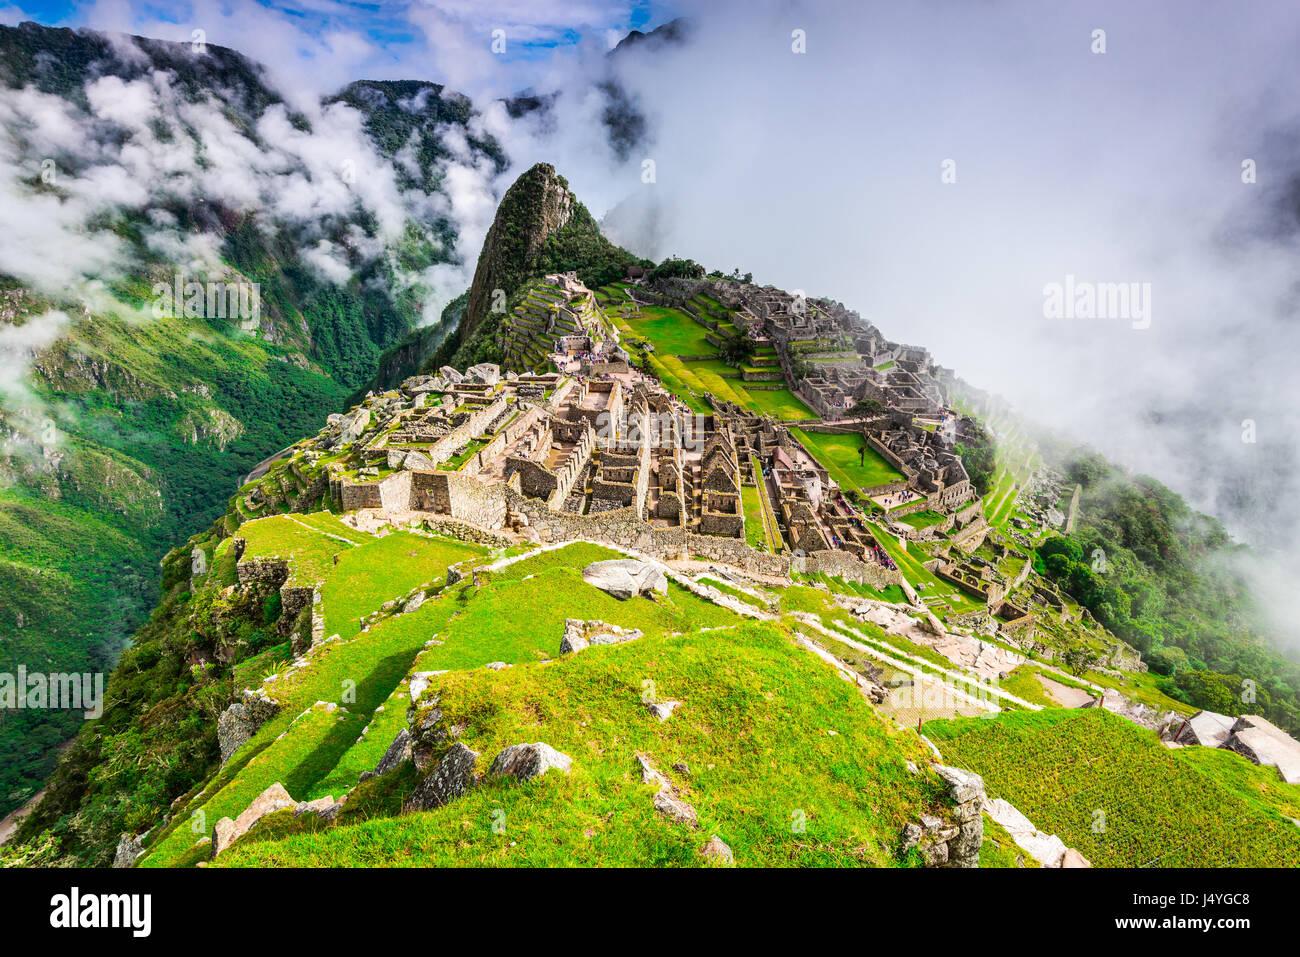 Machu Picchu, Peru - Ruins of Inca Empire city, in Cusco region, amazing place of South America. - Stock Image